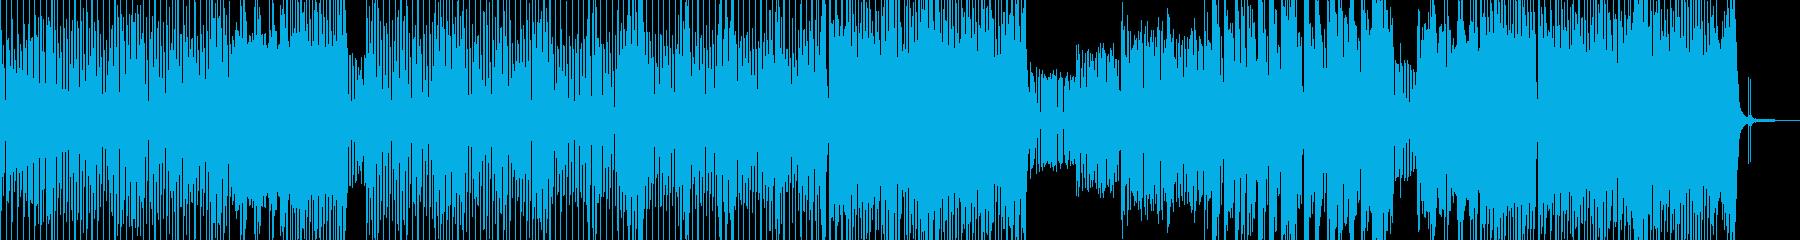 お菓子の国・メルヘンポップ Bの再生済みの波形